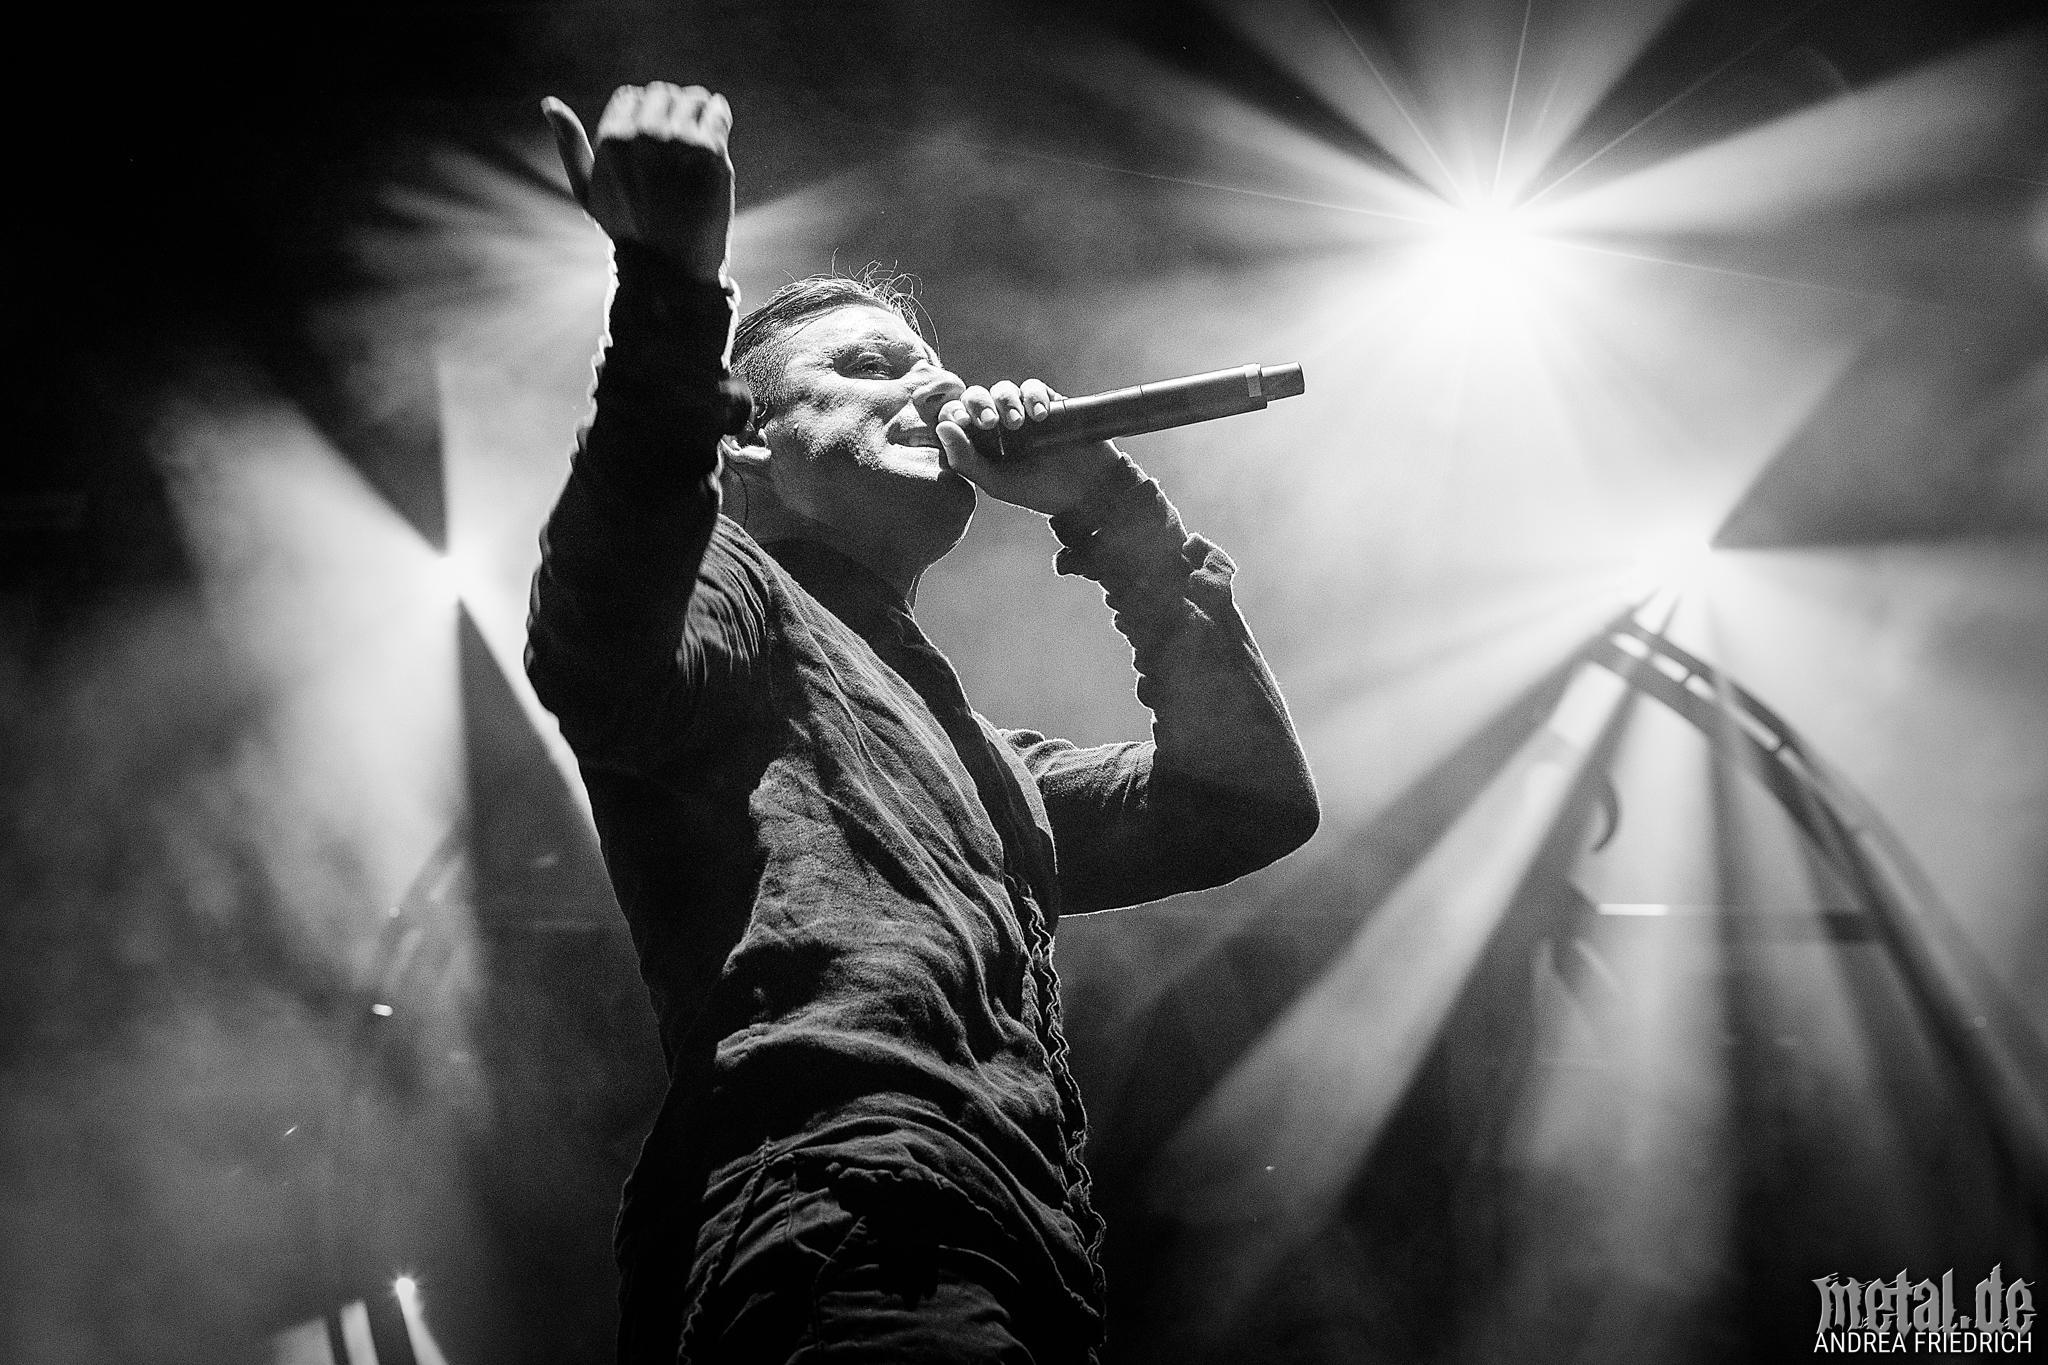 Konzertfoto von Parkway Drive - Full Force Festival 2019